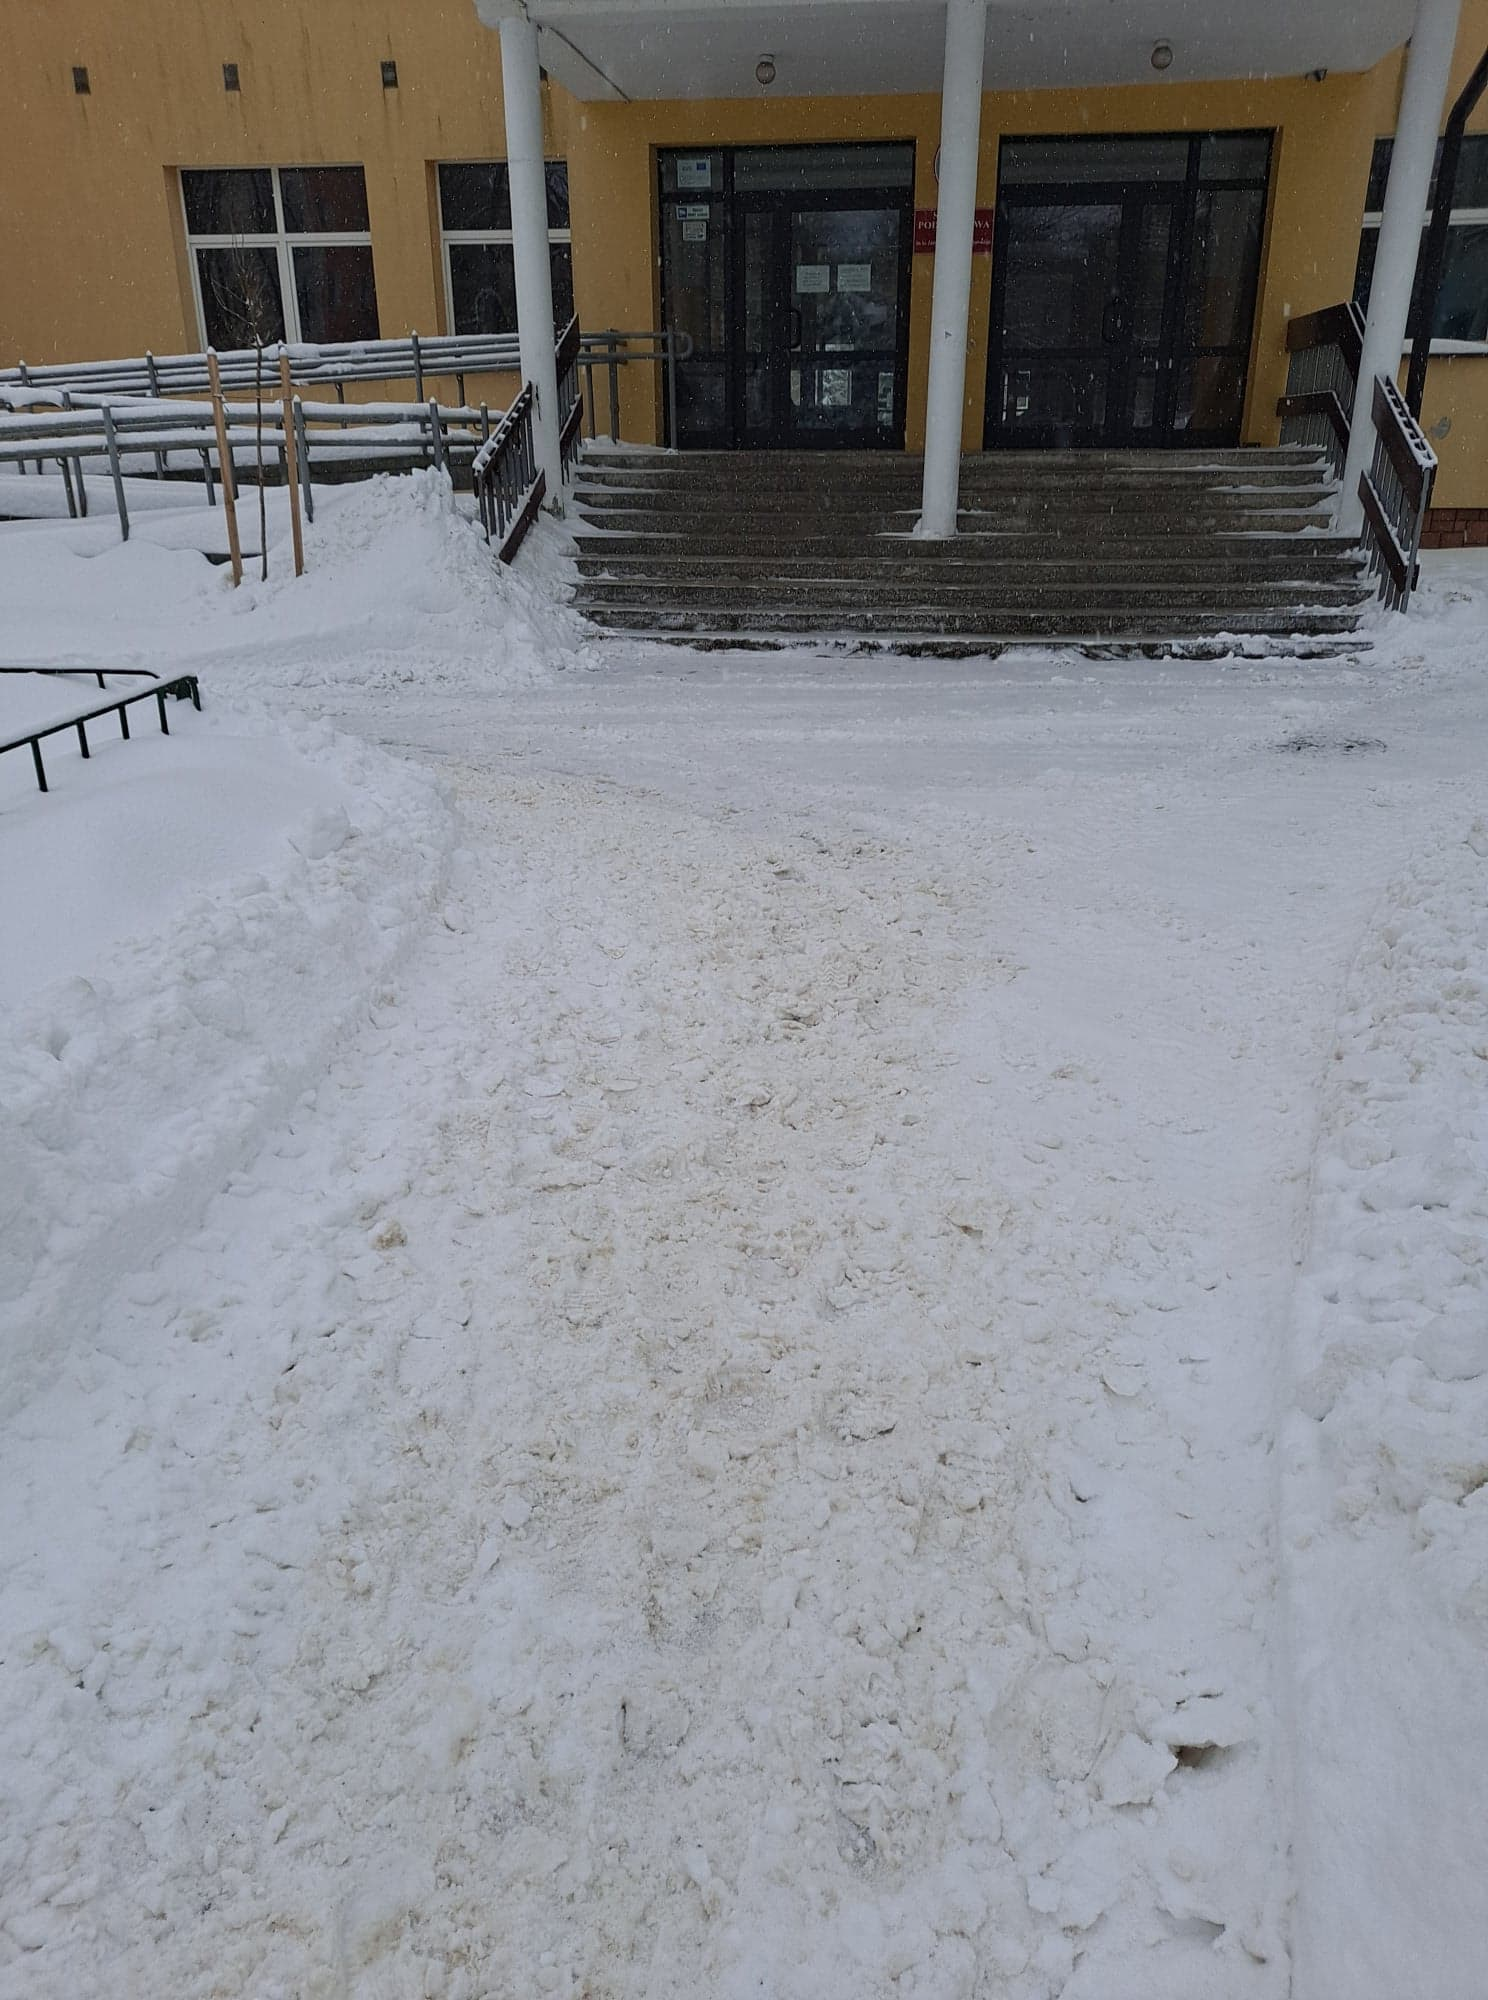 Teren szkoły podstawowej nr 4 jest rzetelnie odśnieżony [ZDJĘCIA] - Zdjęcie główne